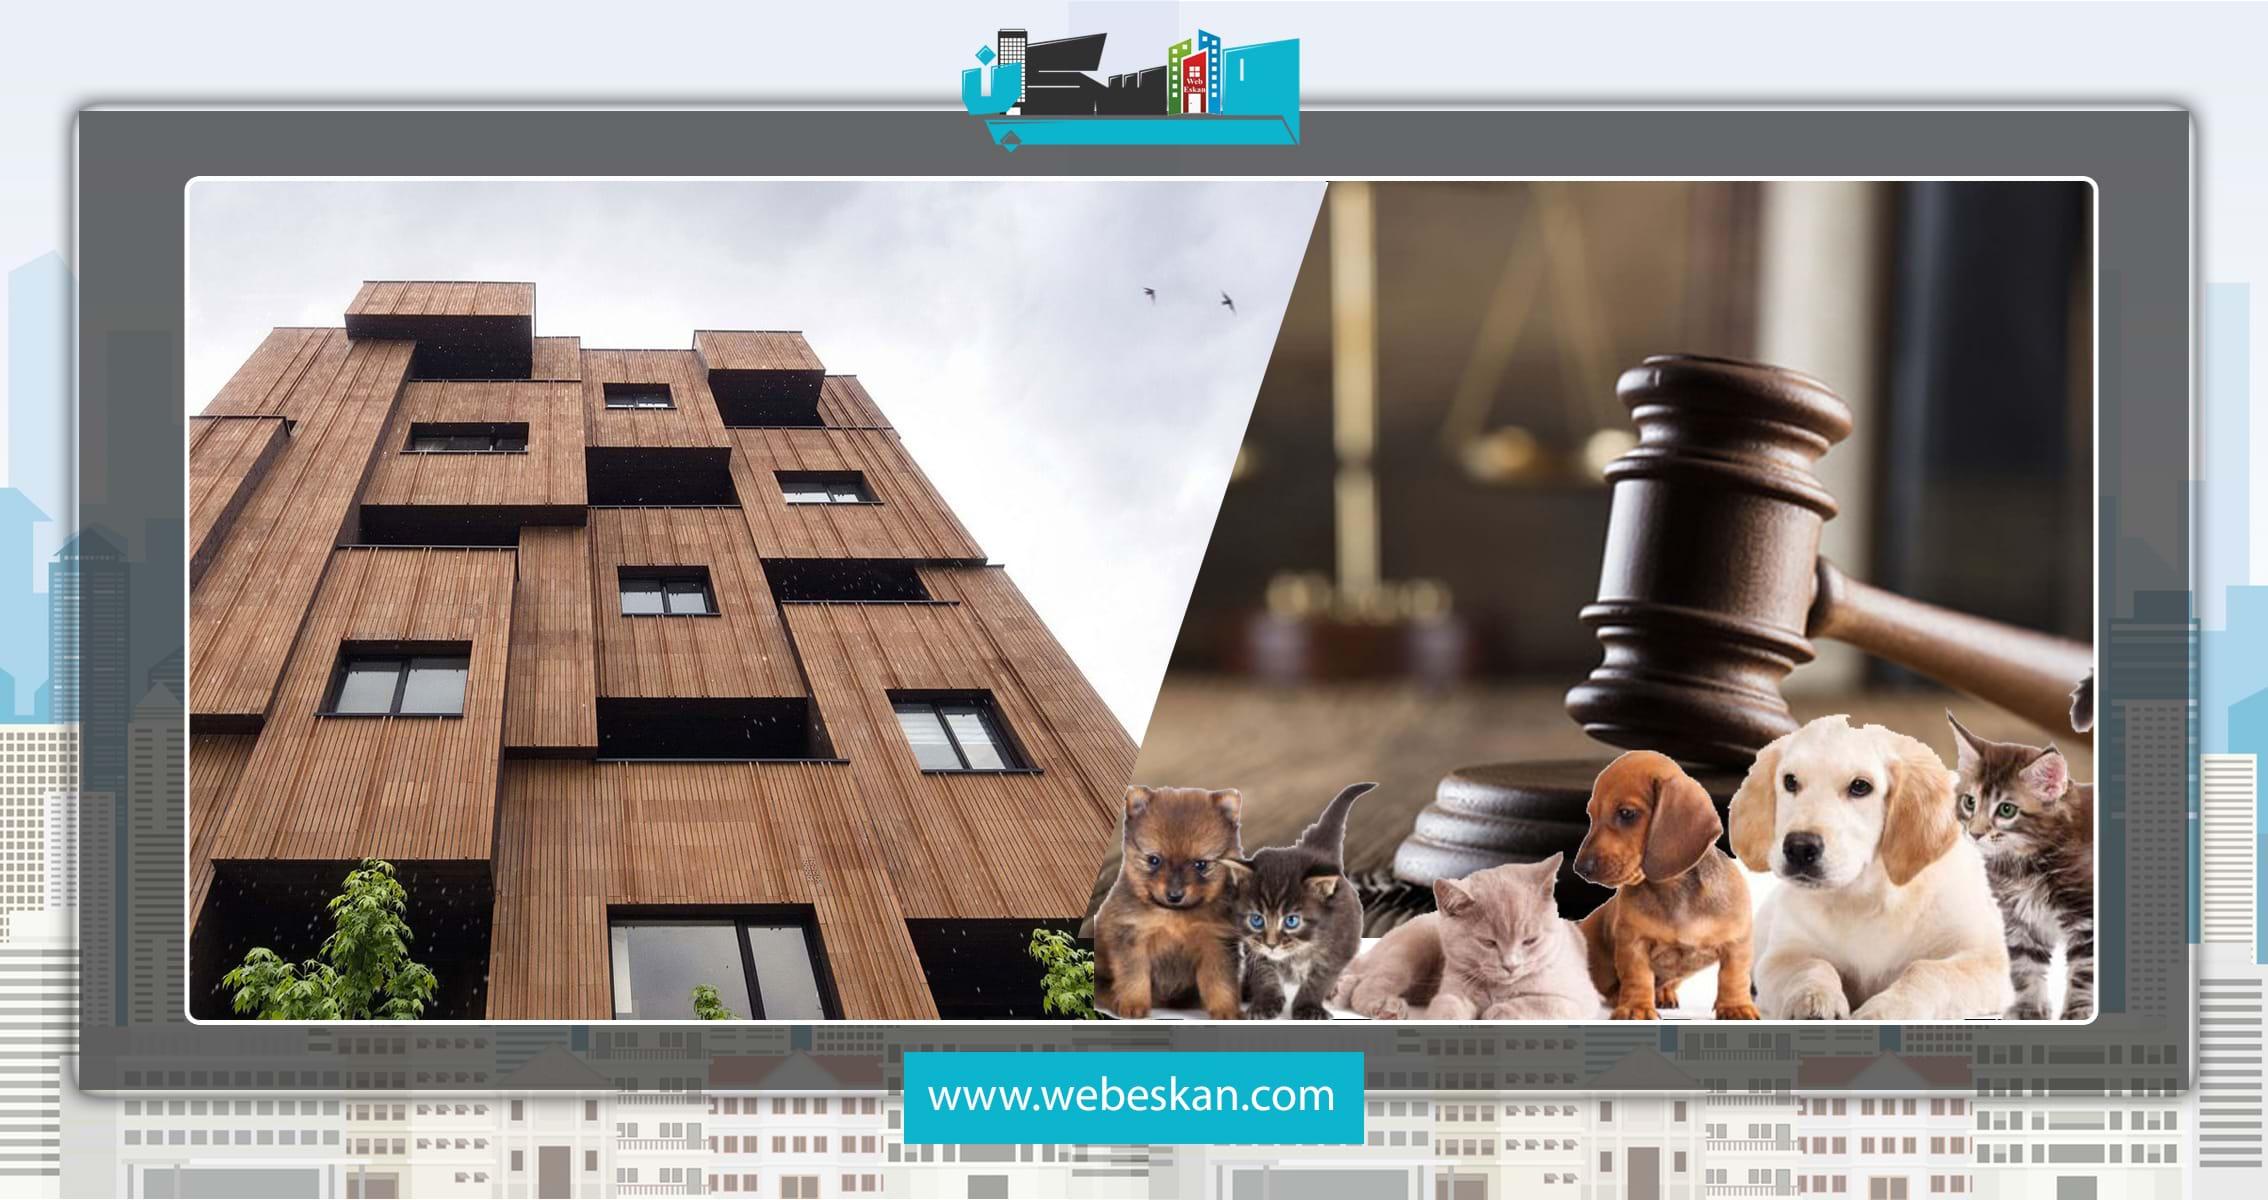 قوانین حاکم بر نگهداری حیوانات خانگی در آپارتمان ها